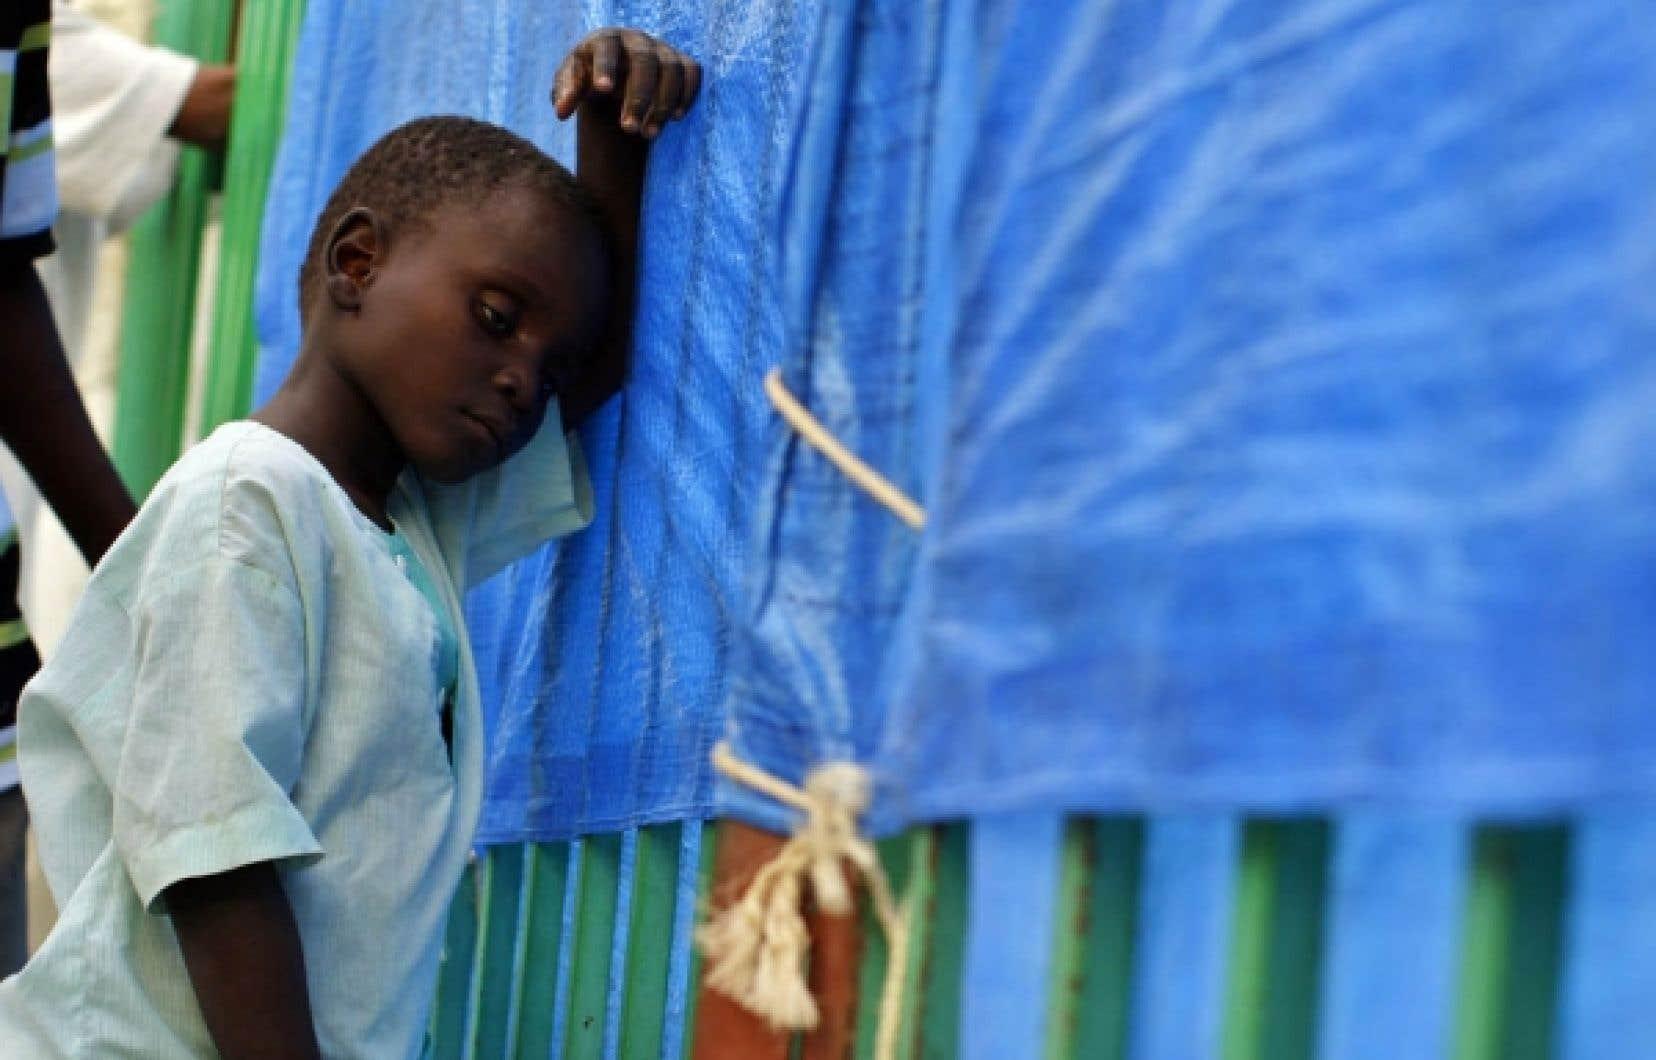 Ce dont ont besoin les Haïtiens et les équipes médicales débordées, c'est d'une mobilisation des secours d'urgence, non de prophètes de catastrophes.